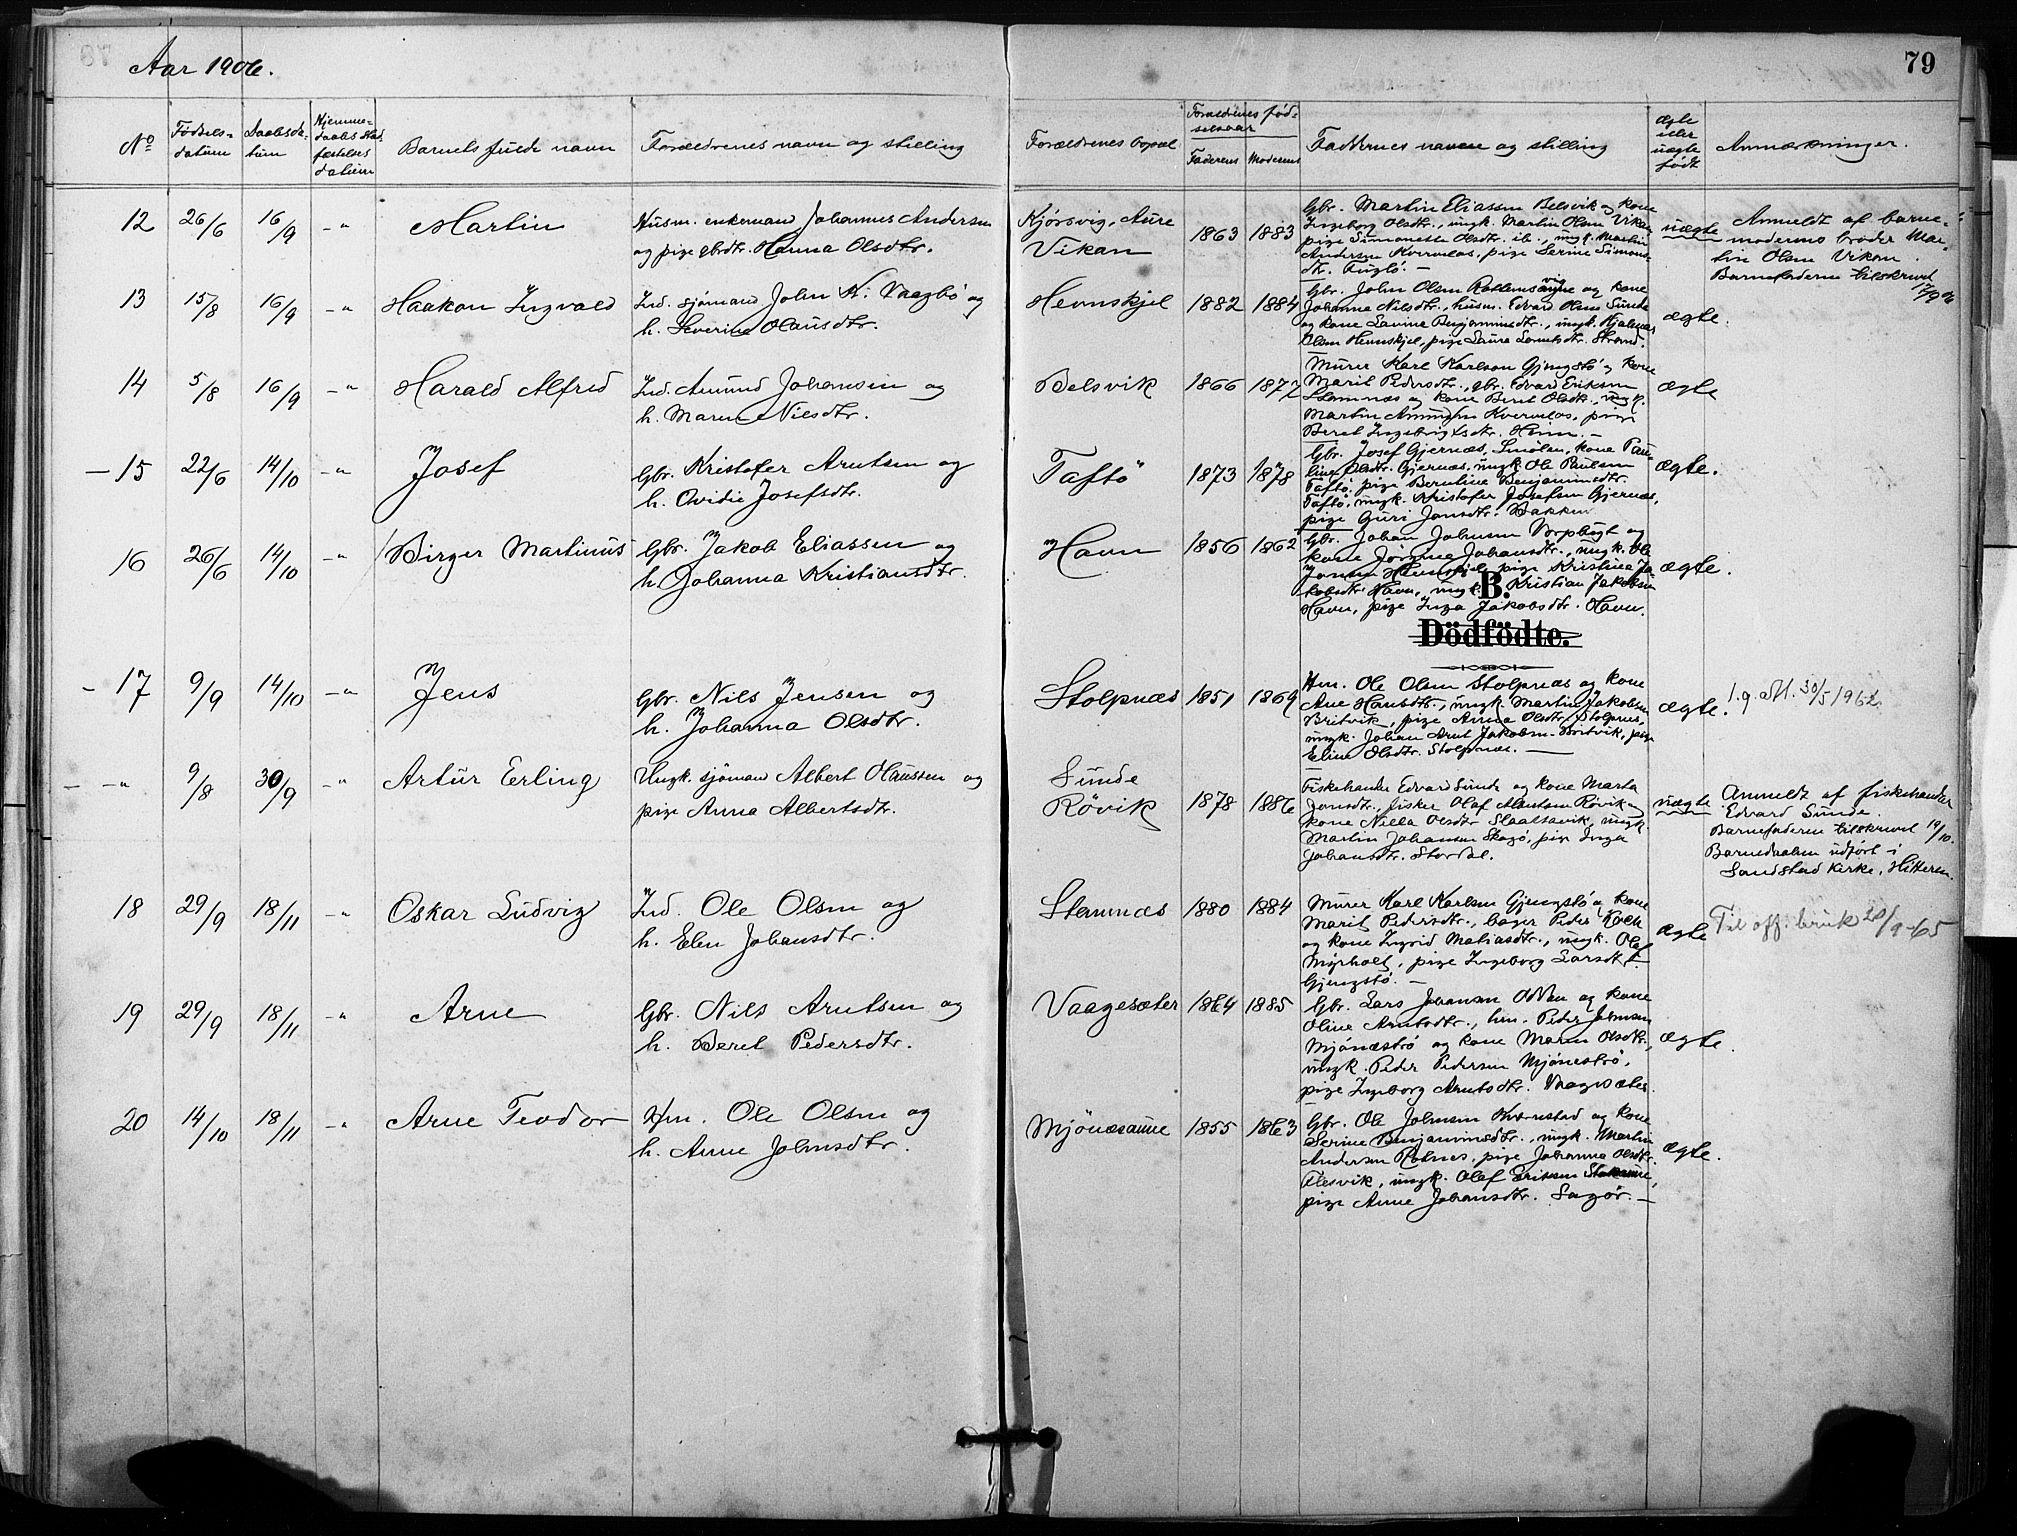 SAT, Ministerialprotokoller, klokkerbøker og fødselsregistre - Sør-Trøndelag, 633/L0518: Ministerialbok nr. 633A01, 1884-1906, s. 79